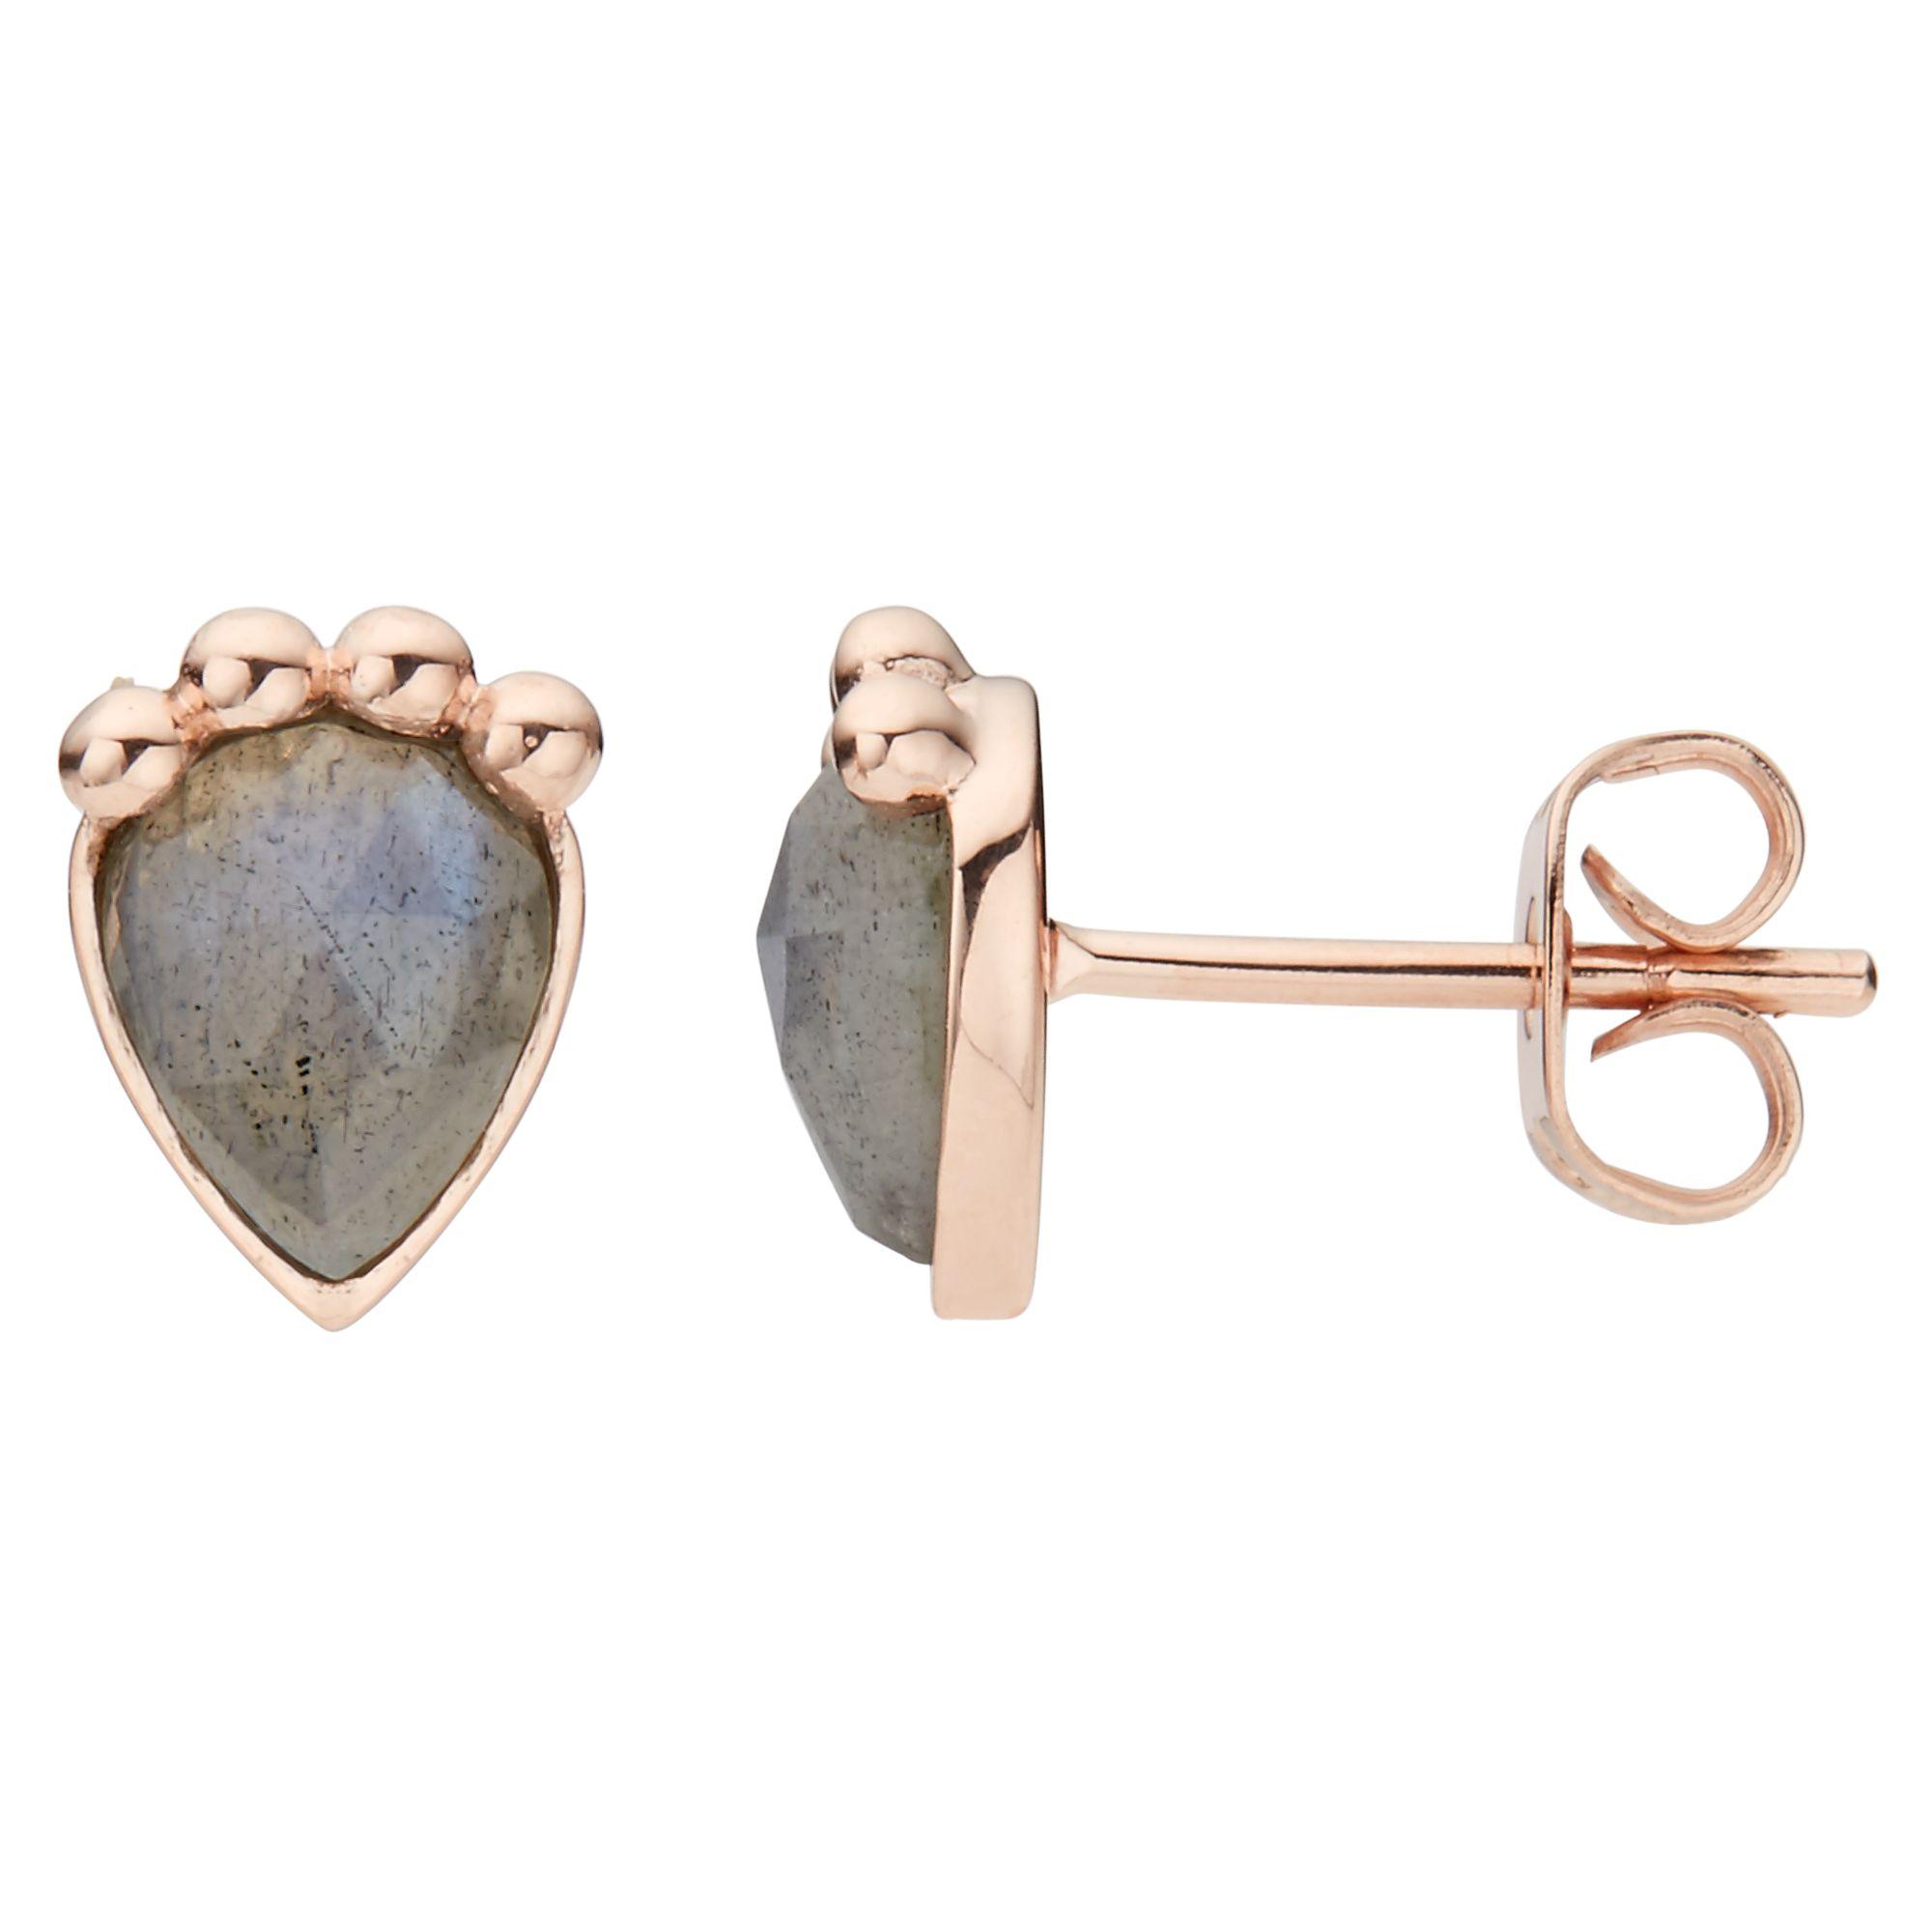 John Lewis Gemstones John Lewis Gemstones Labradorite Teardrop Stud Earrings, Rose Gold/Grey